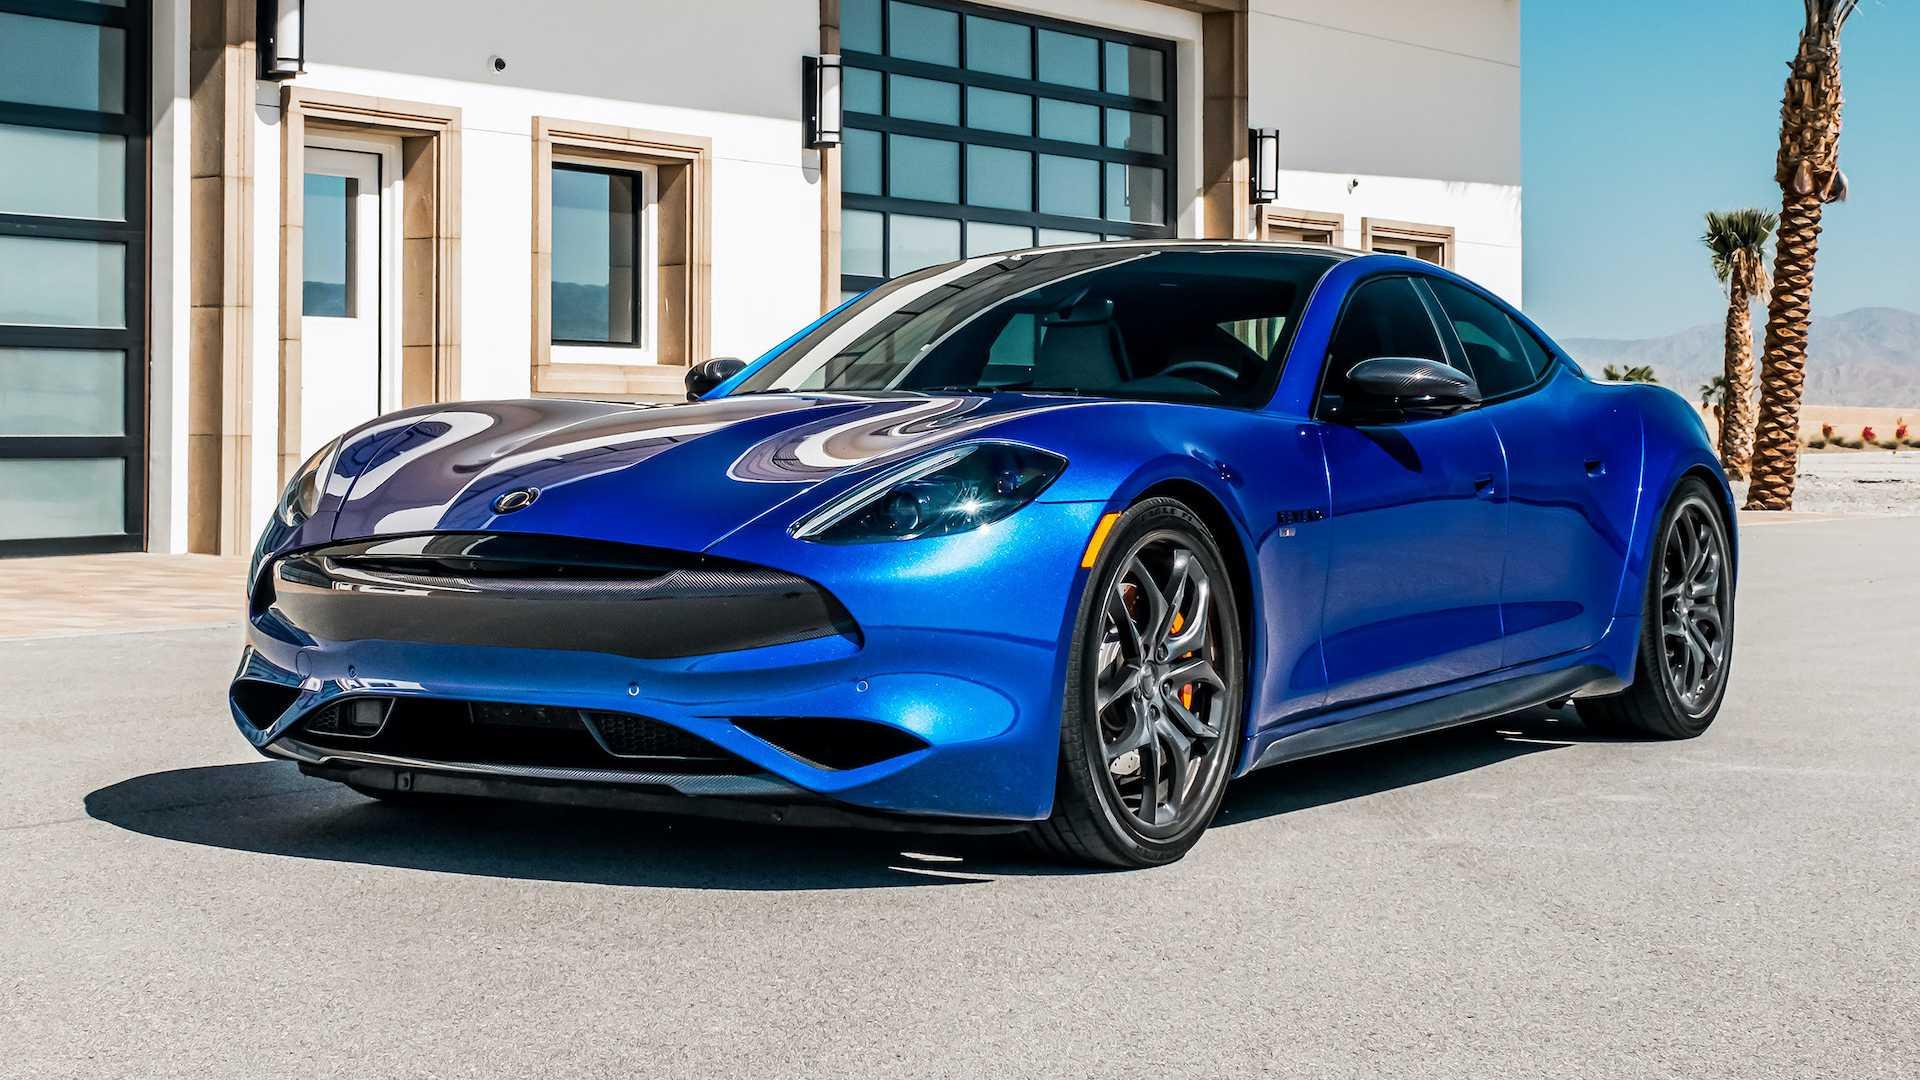 Фирма Karma Automotive подготовила обновление для гибрида Revero GT: два пакета сделали седан более стильным и динамичным.